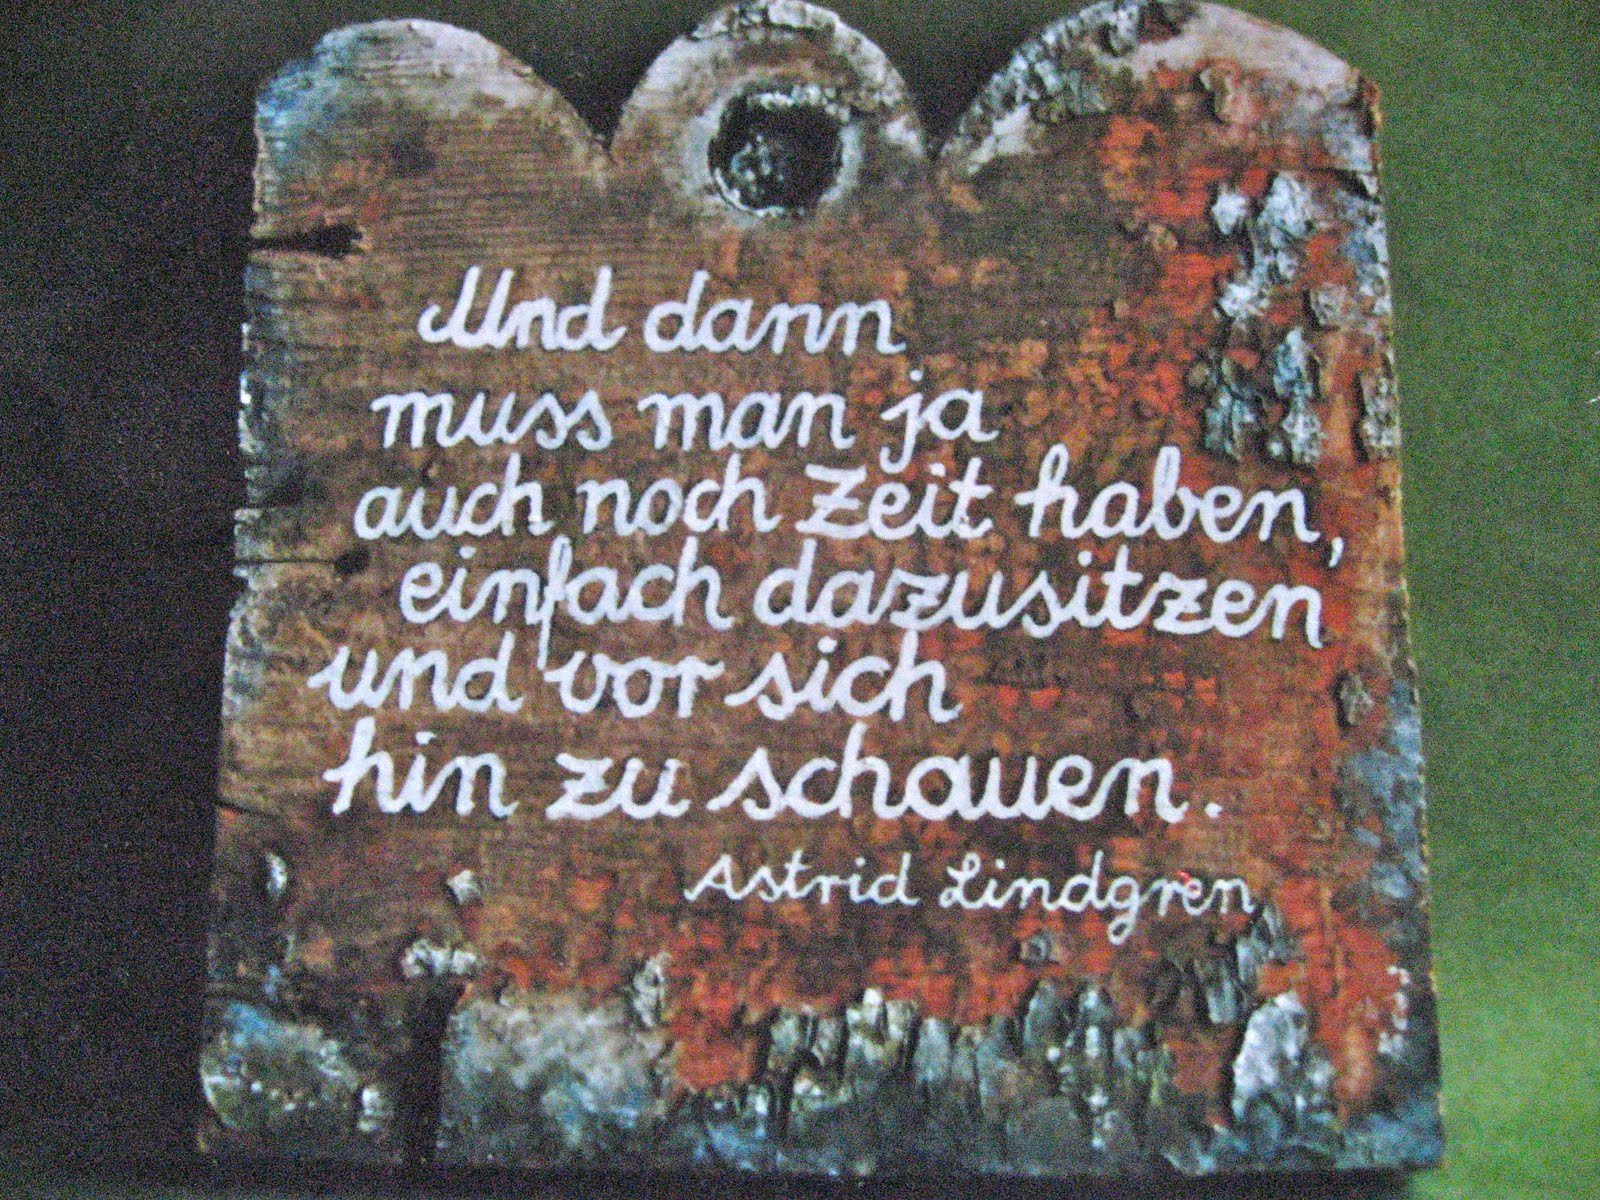 astrid lindgren sprüche Zitat Geburtstag Lindgren | zitate aus dem leben astrid lindgren sprüche